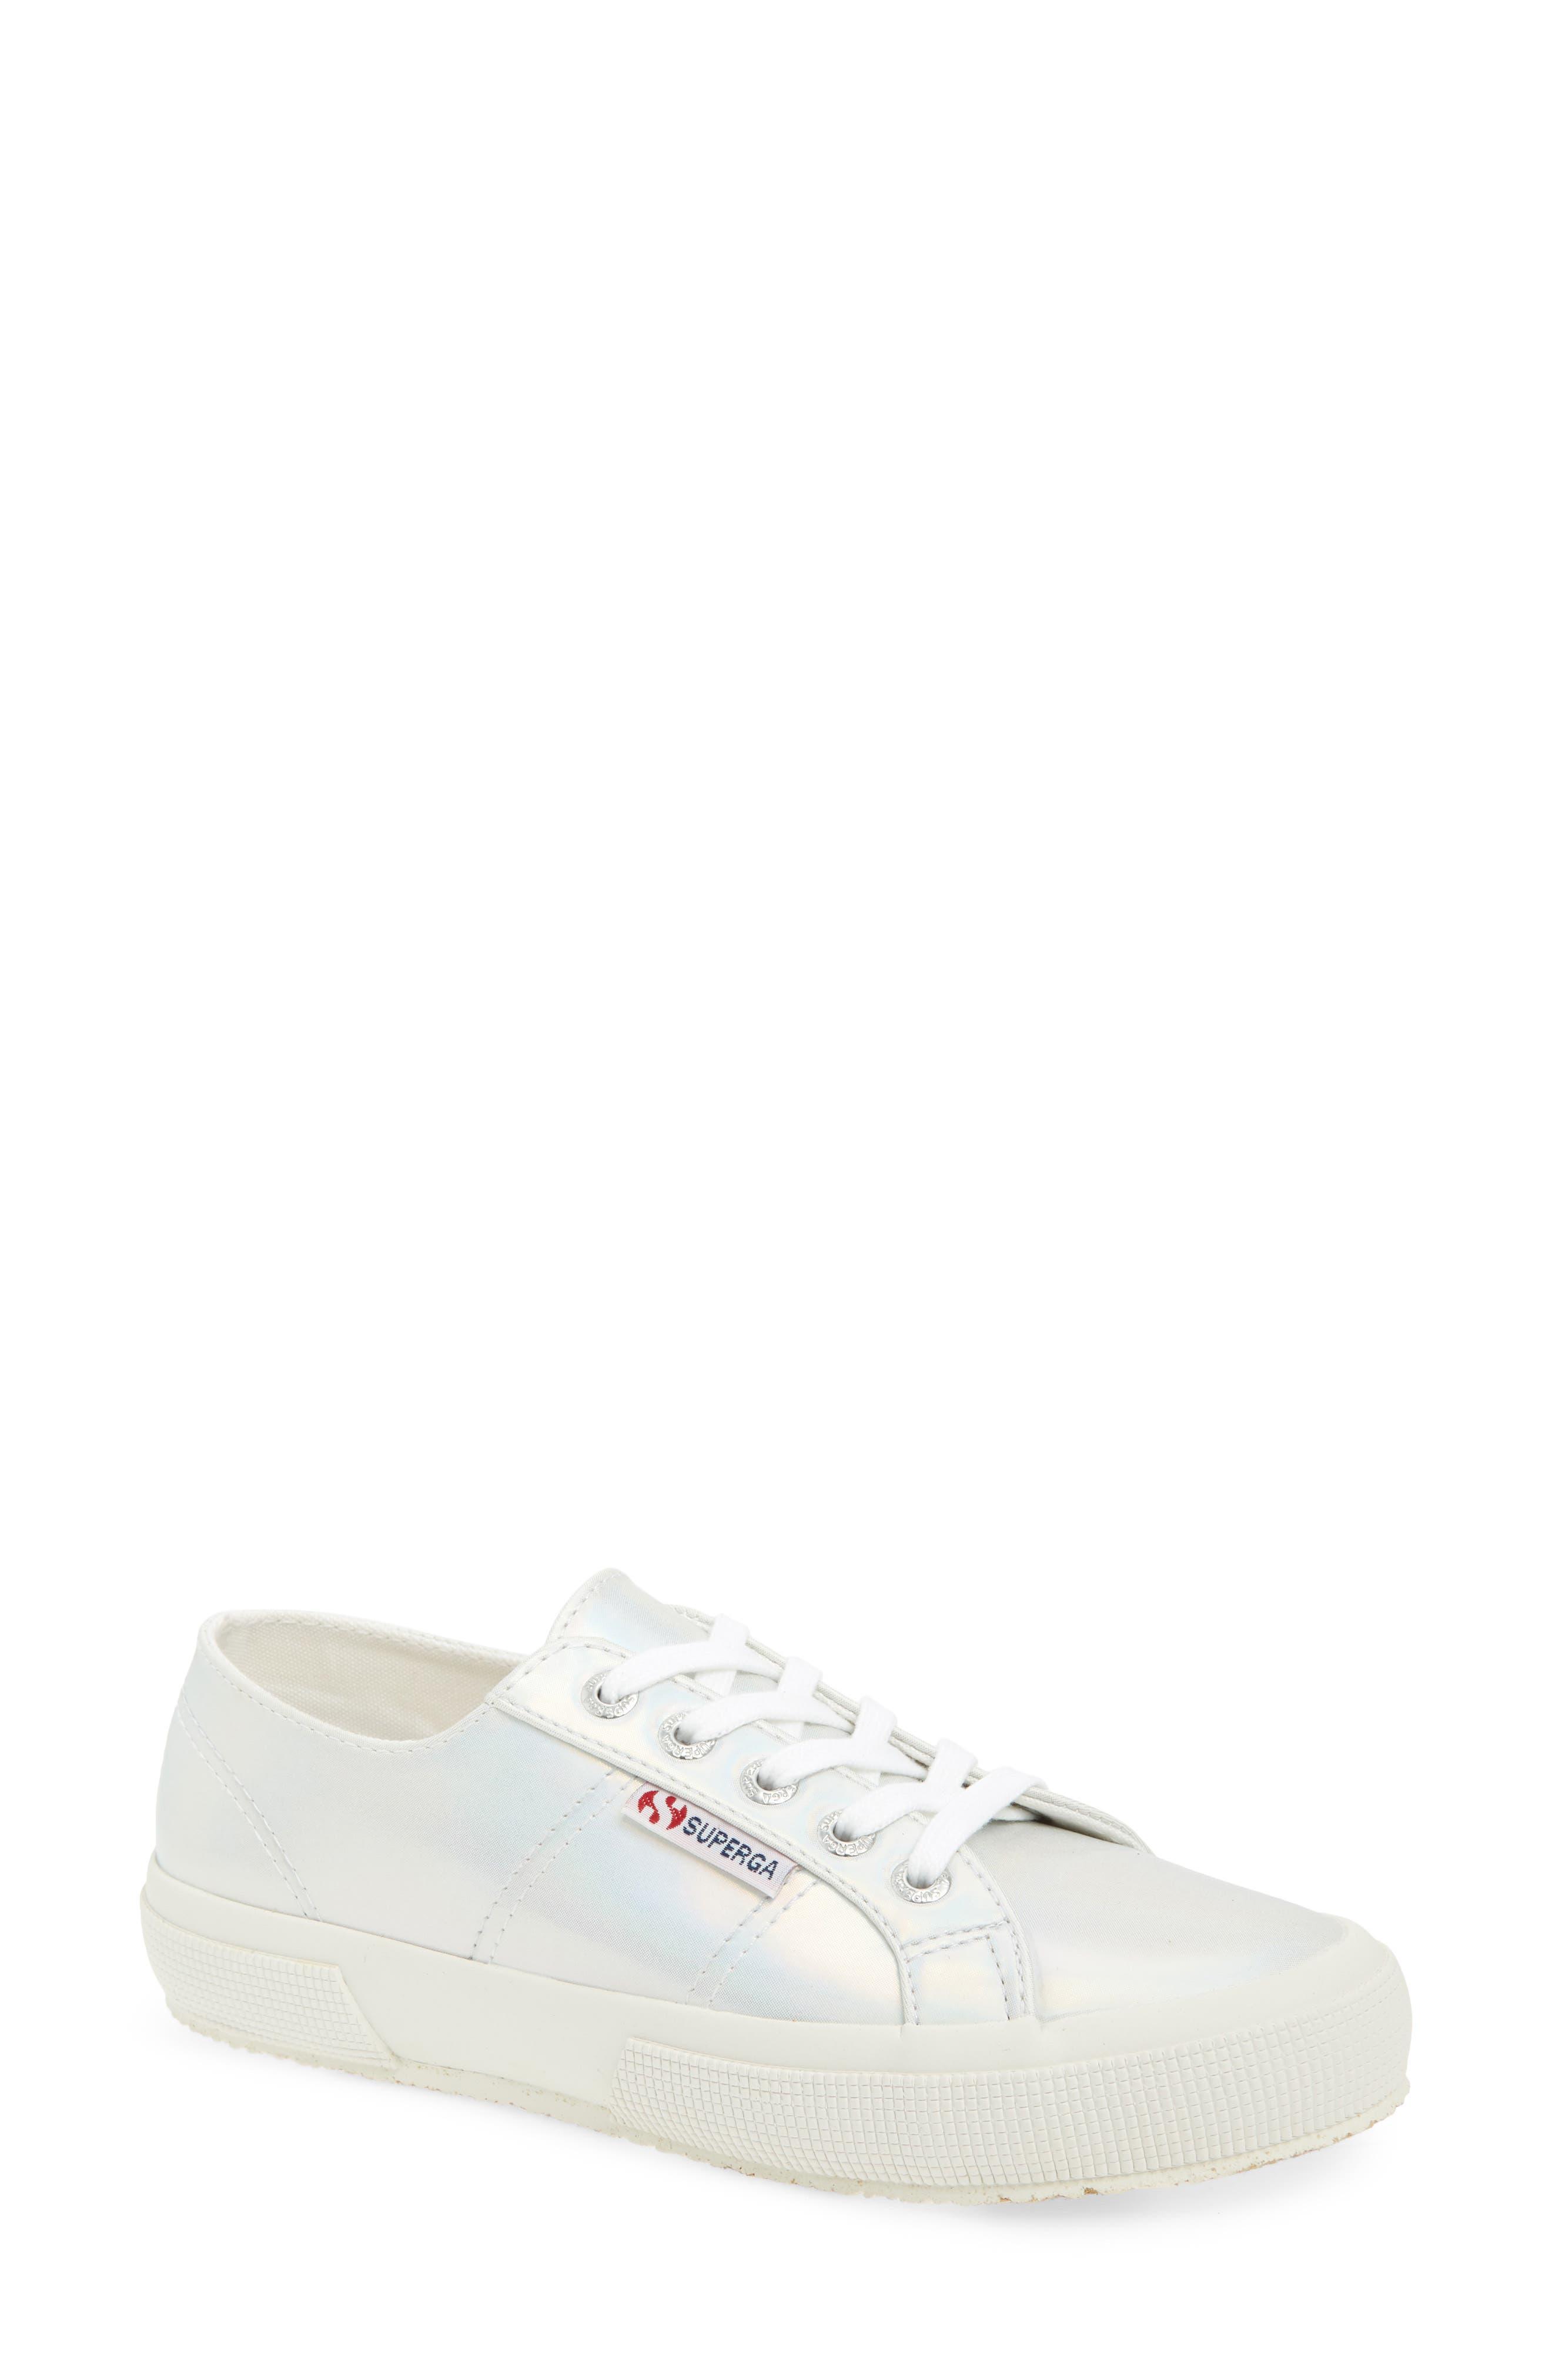 2750 Hologramw Low Top Sneaker,                         Main,                         color, 040